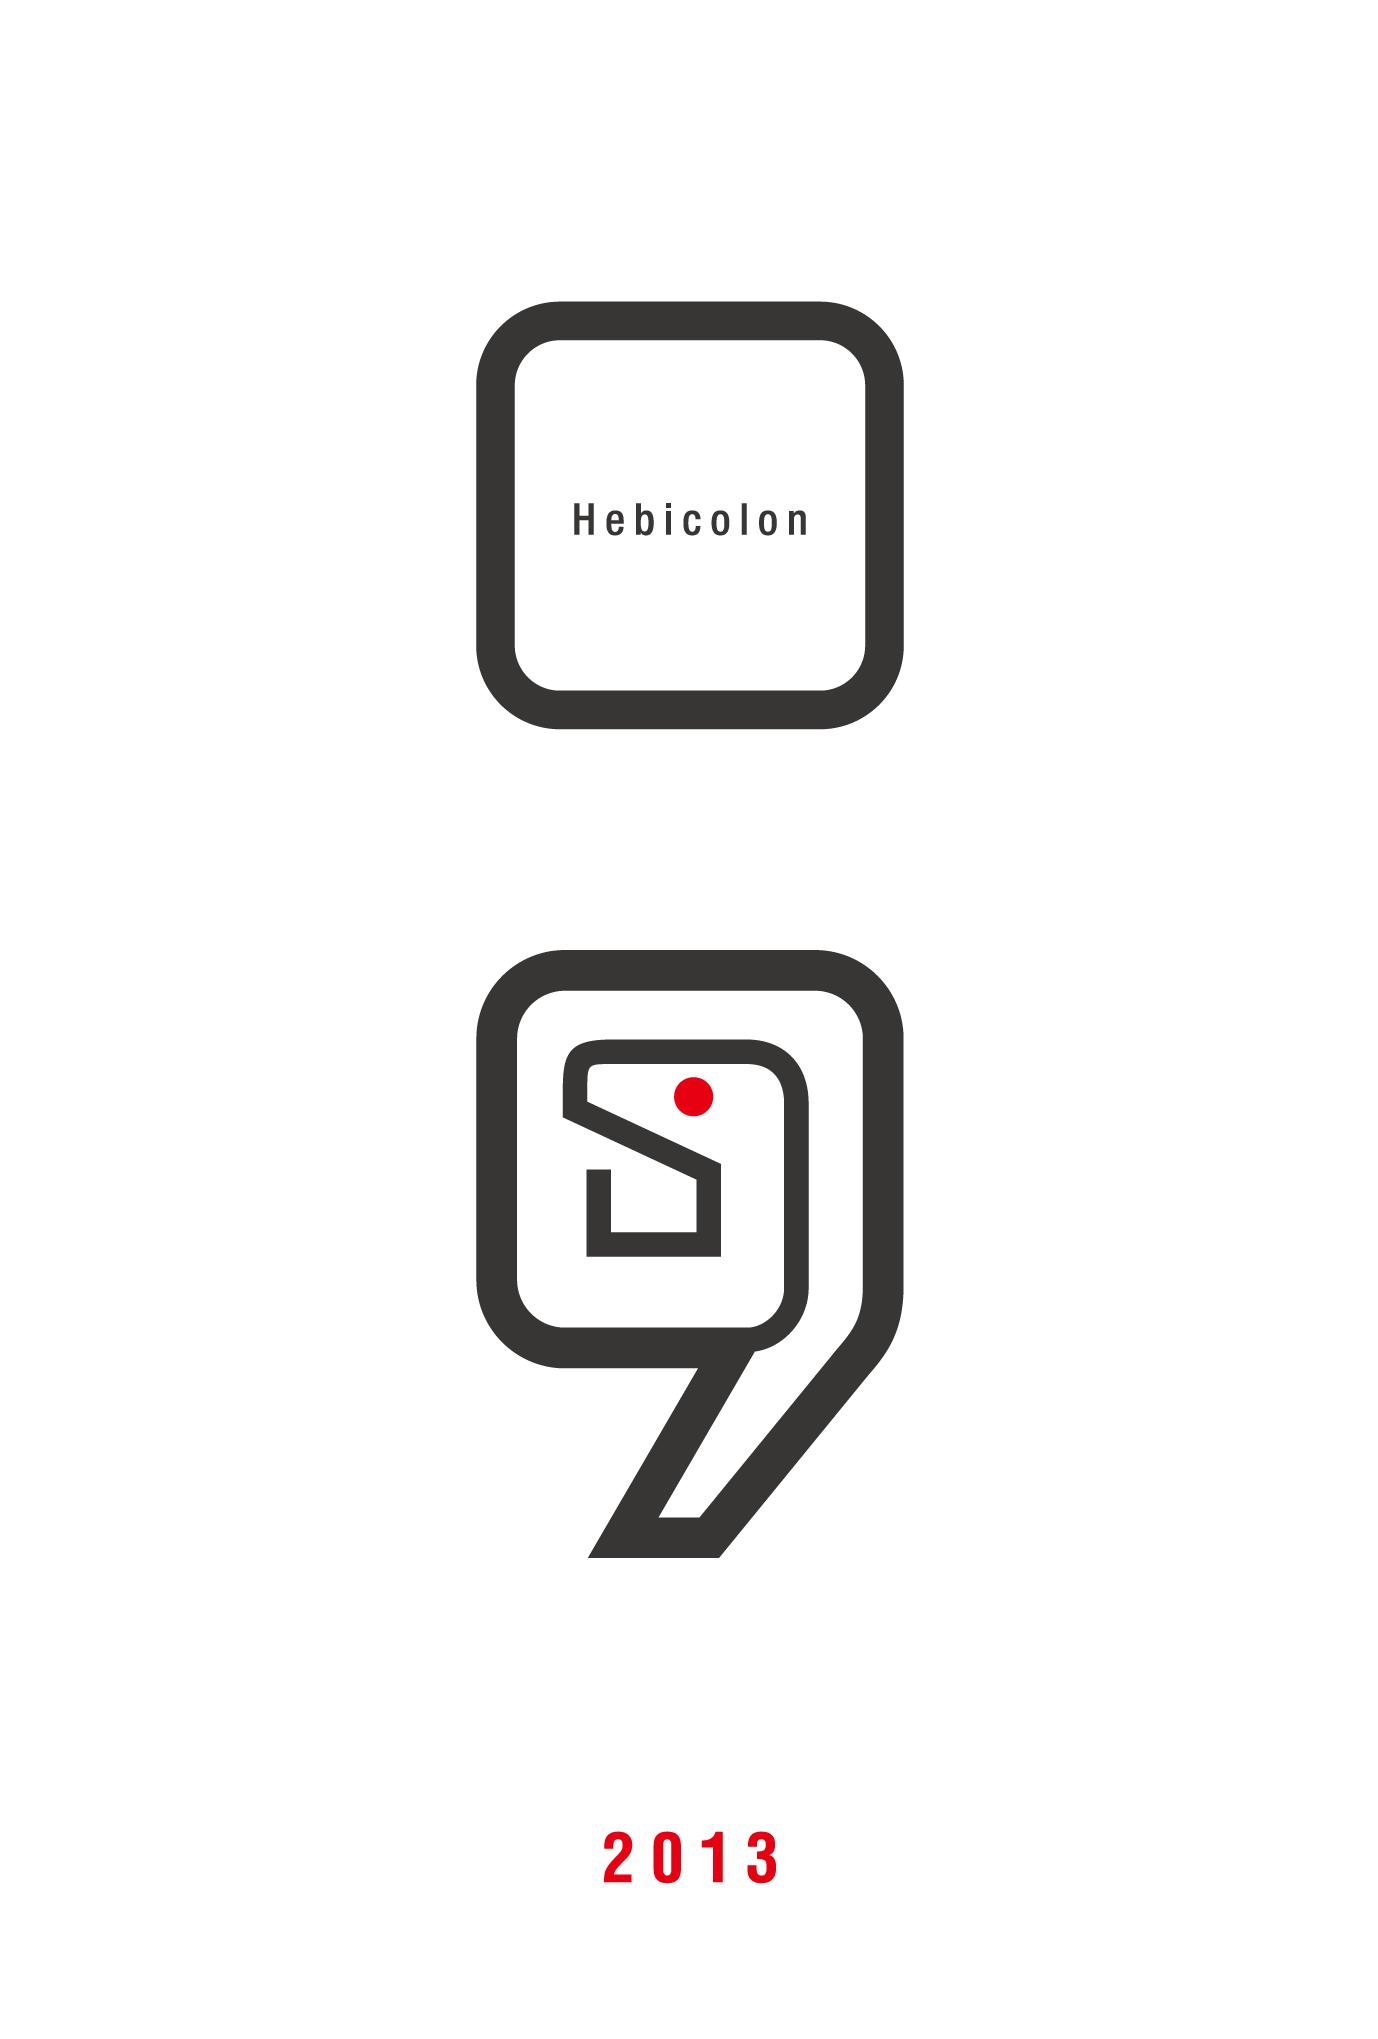 2013年賀状12-1:Semicolon ; Hebicolon / 1のダウンロード画像